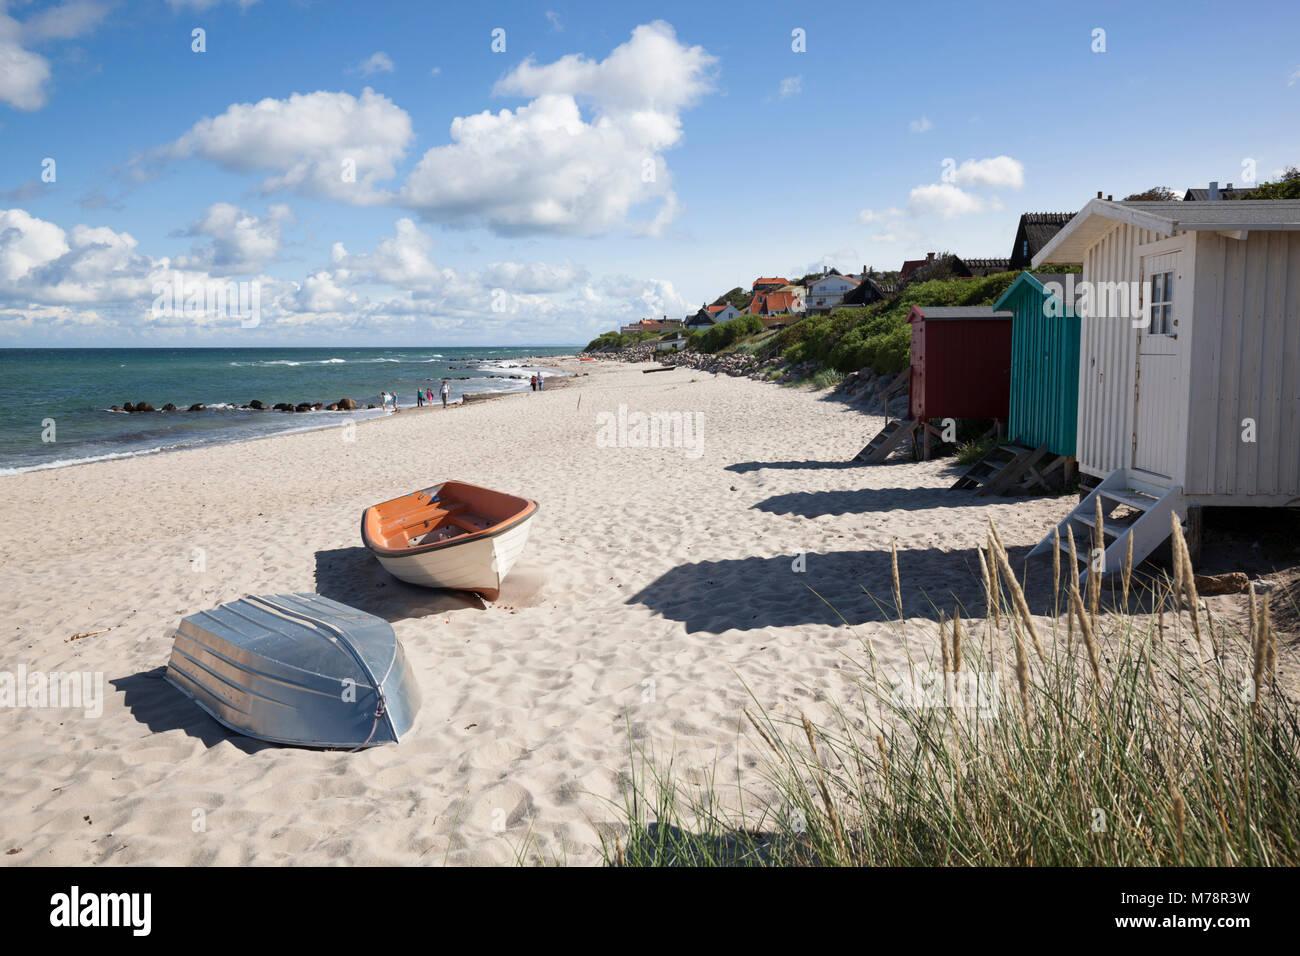 Los barcos y las casetas de playa de arena blanca con la ciudad detrás, Tisvilde, Kattegat Costa, Zelanda, Imagen De Stock